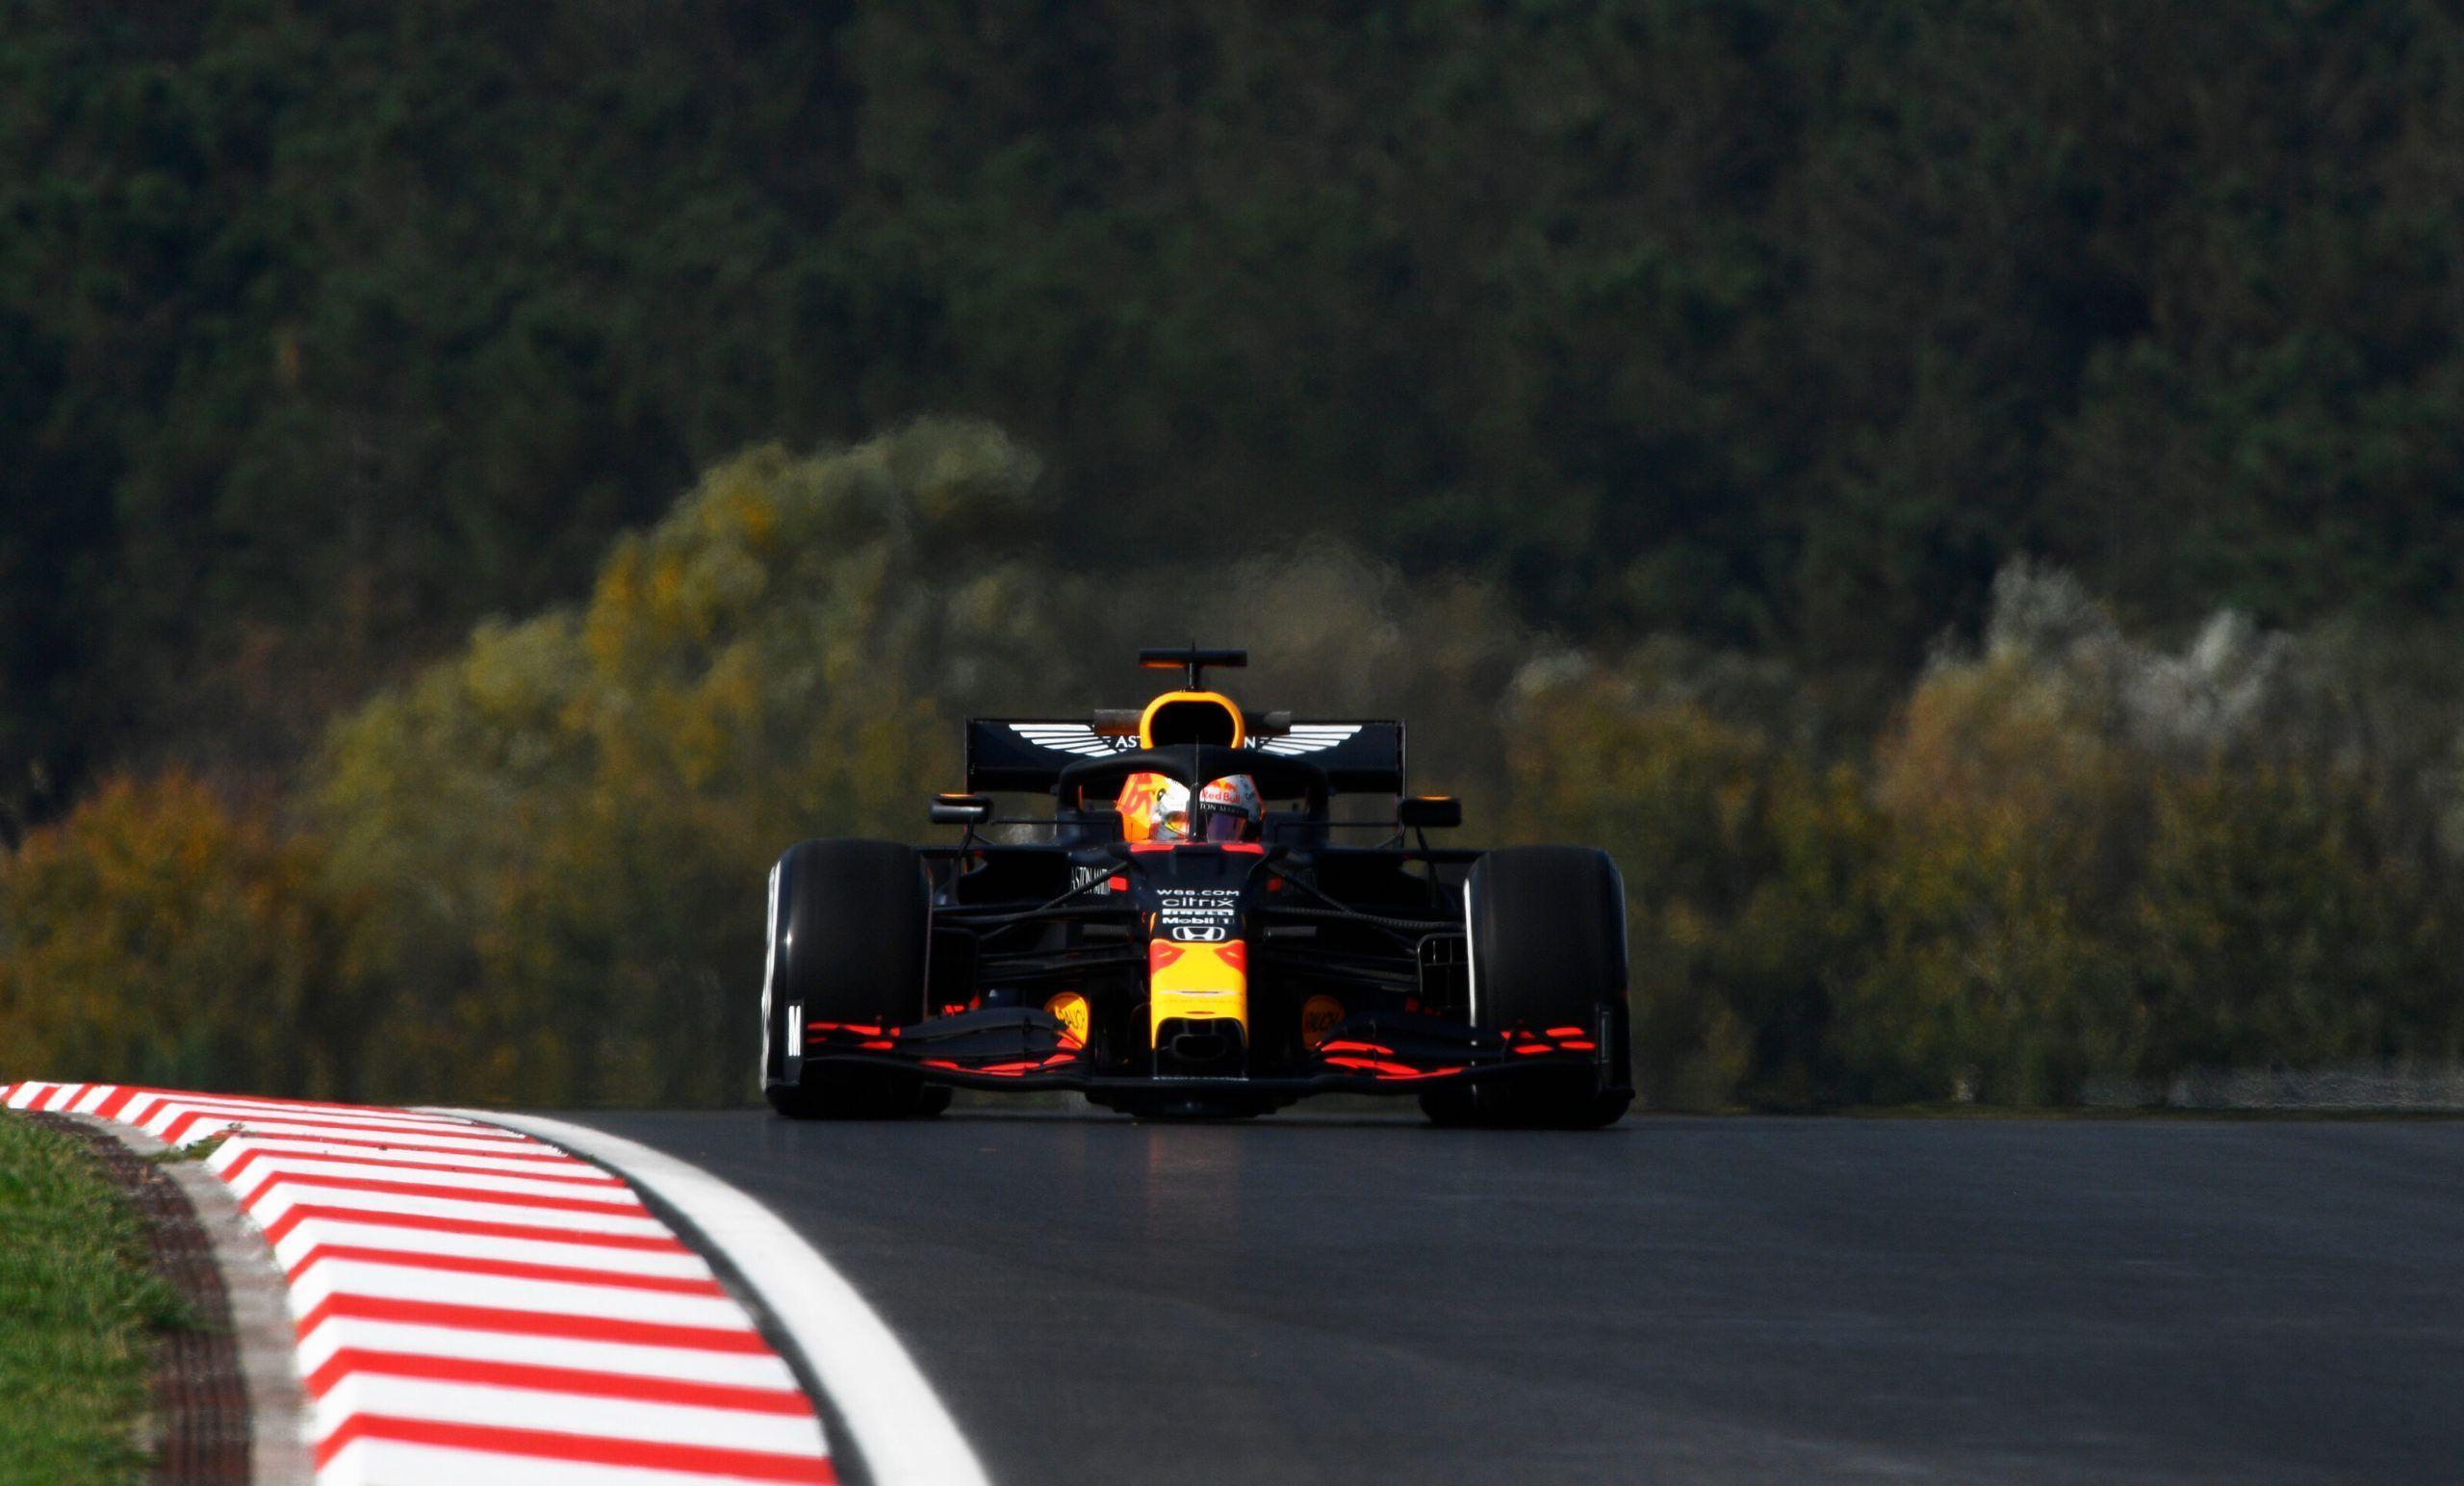 Turkish GP, F1, Max Verstappen